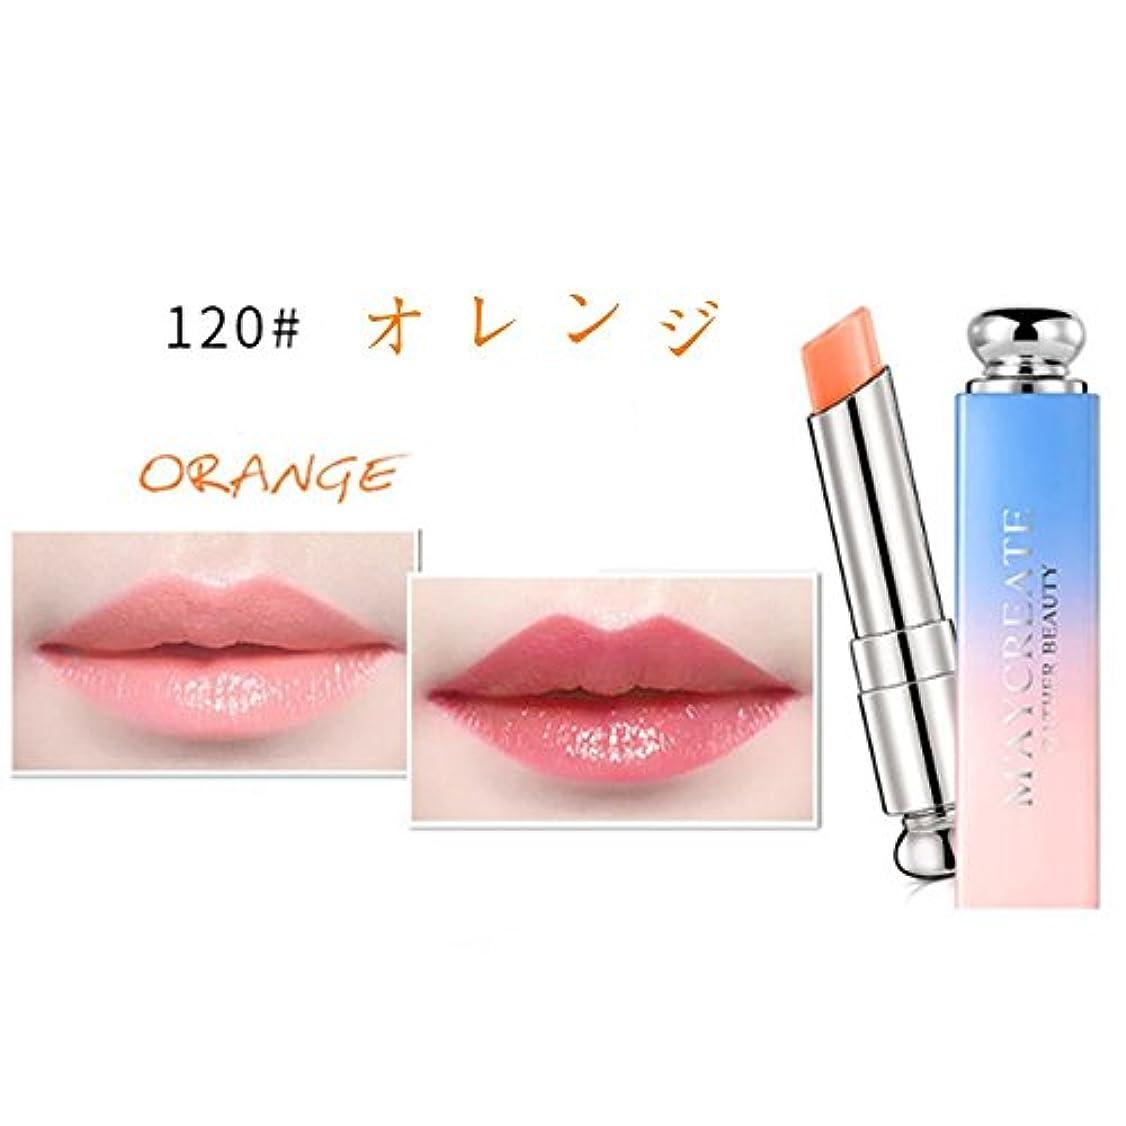 迫害する構築する重要性リップスティック うるおい 口紅 唇の温度で色が変化するリップ 優れる発色力 保湿 長持ち 3.8g (120#)